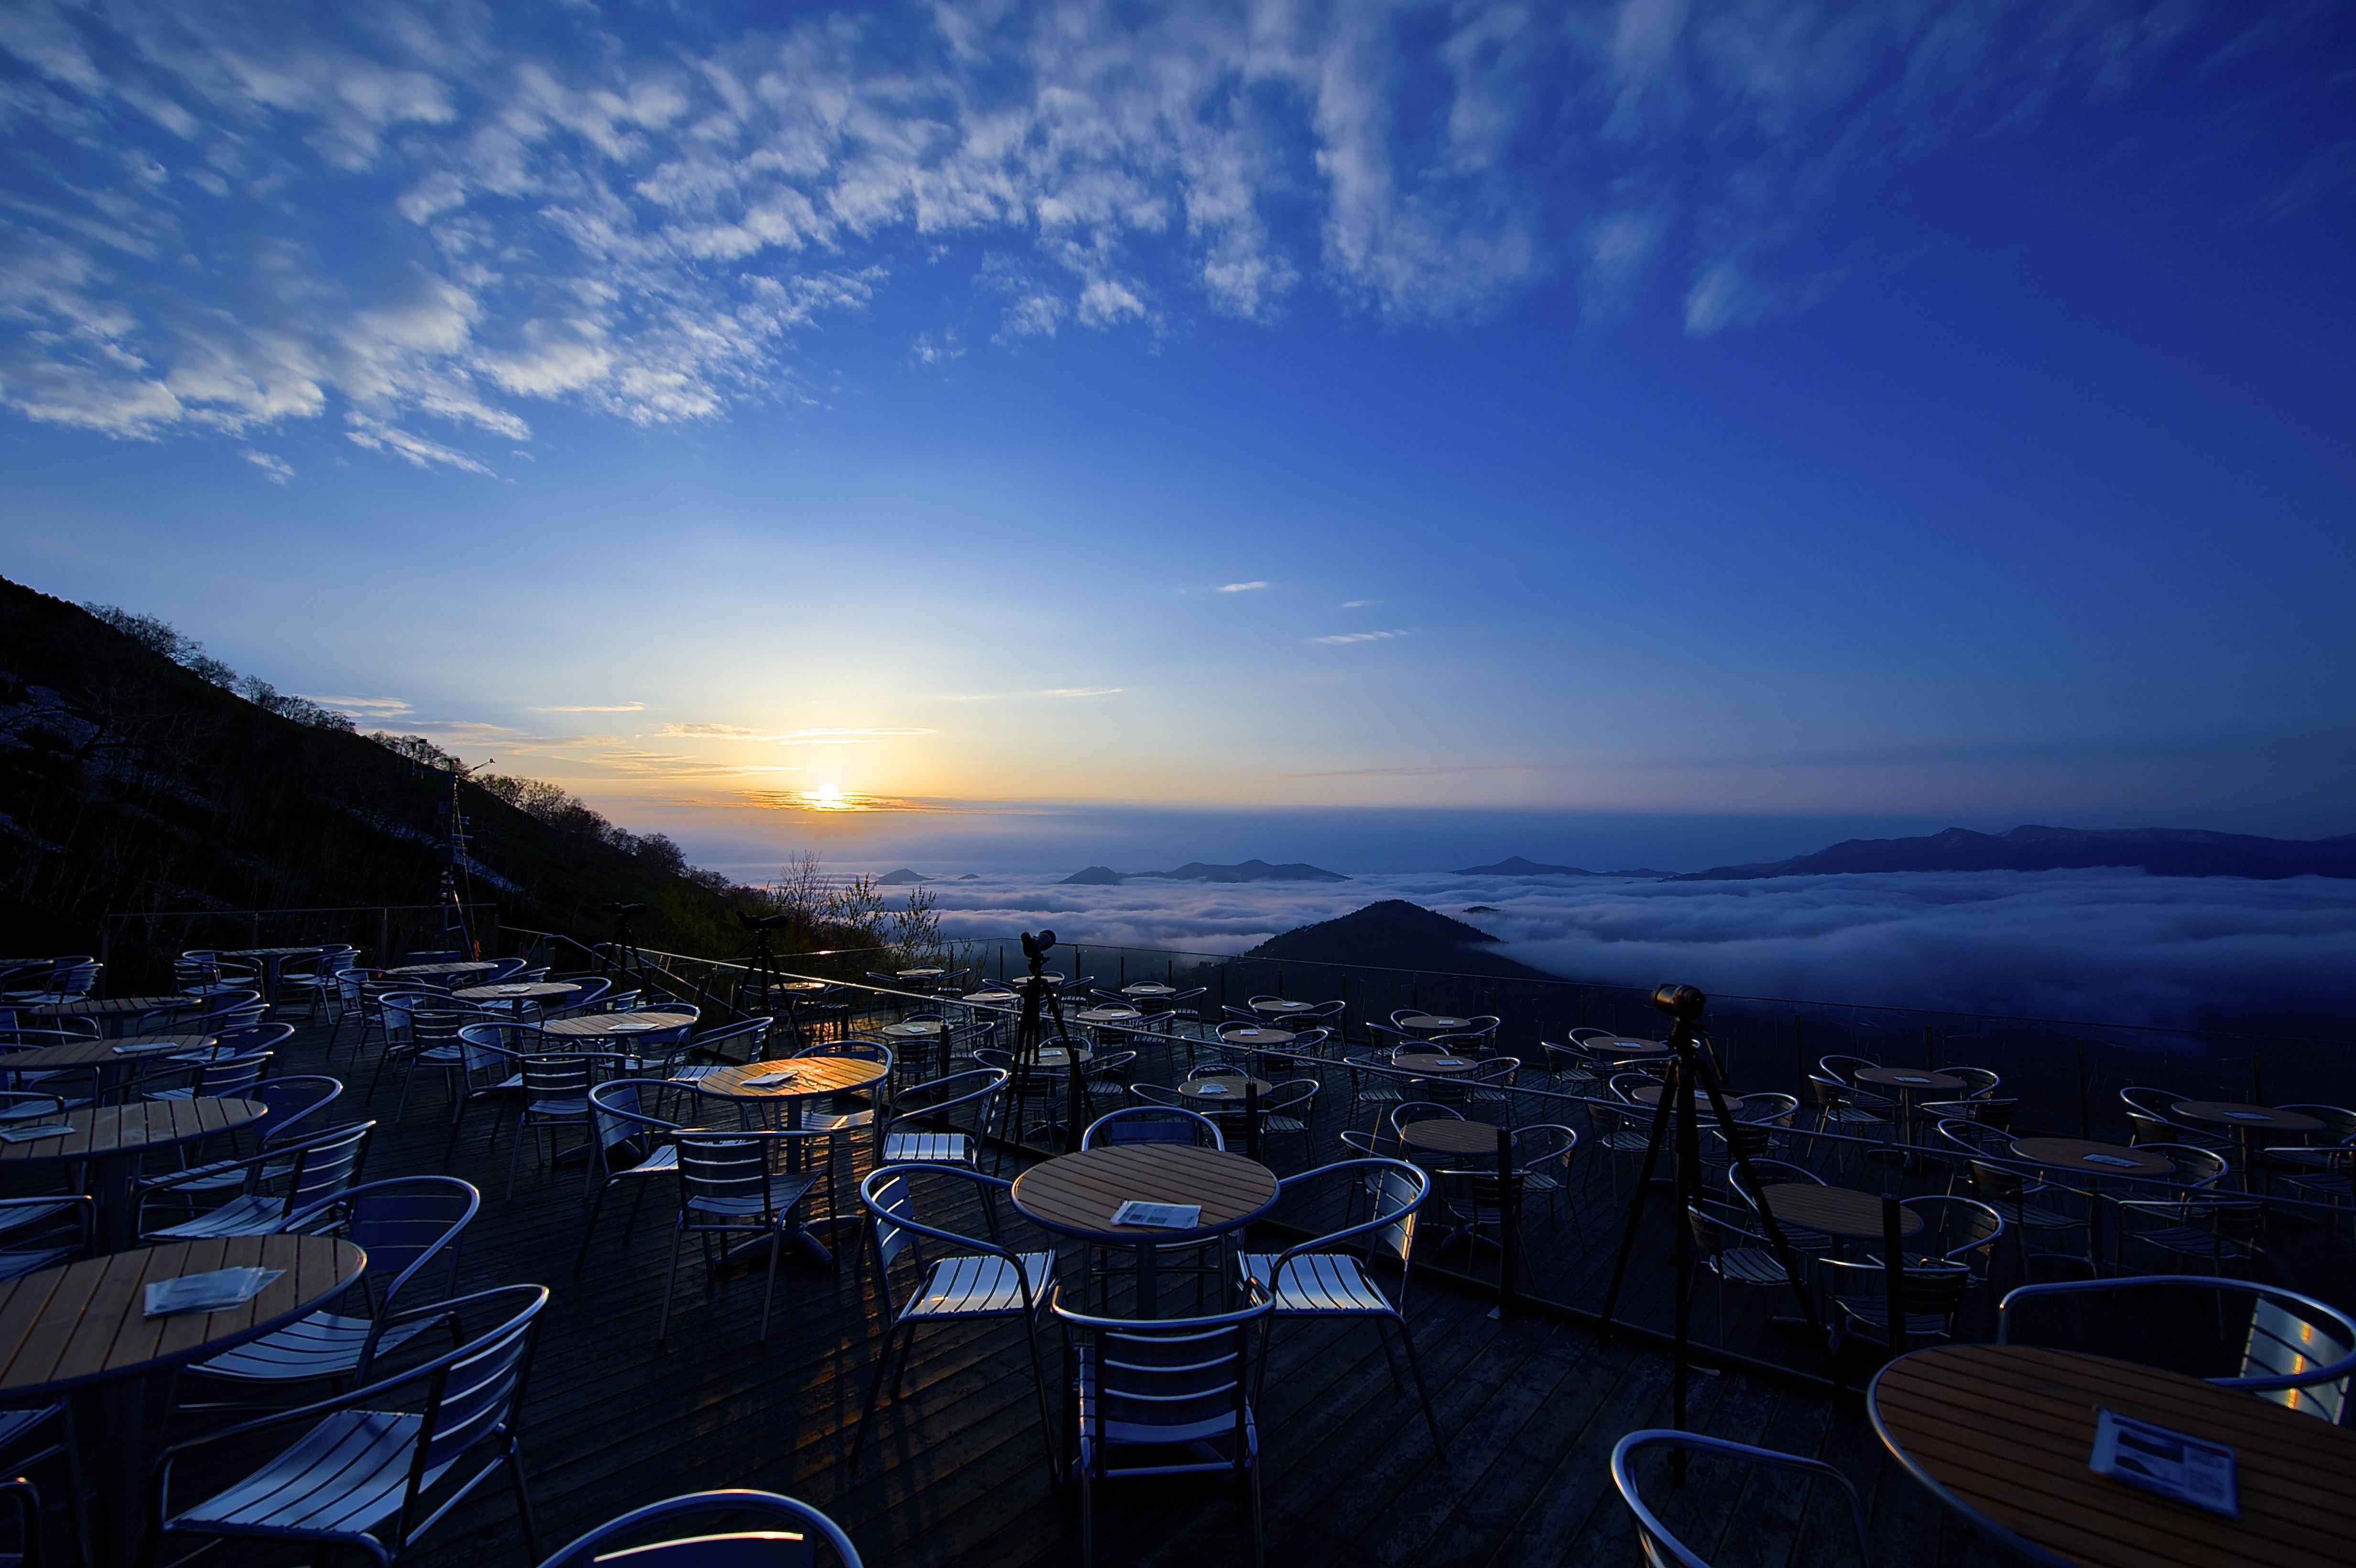 terrazzo unkai su un mare di nuvole